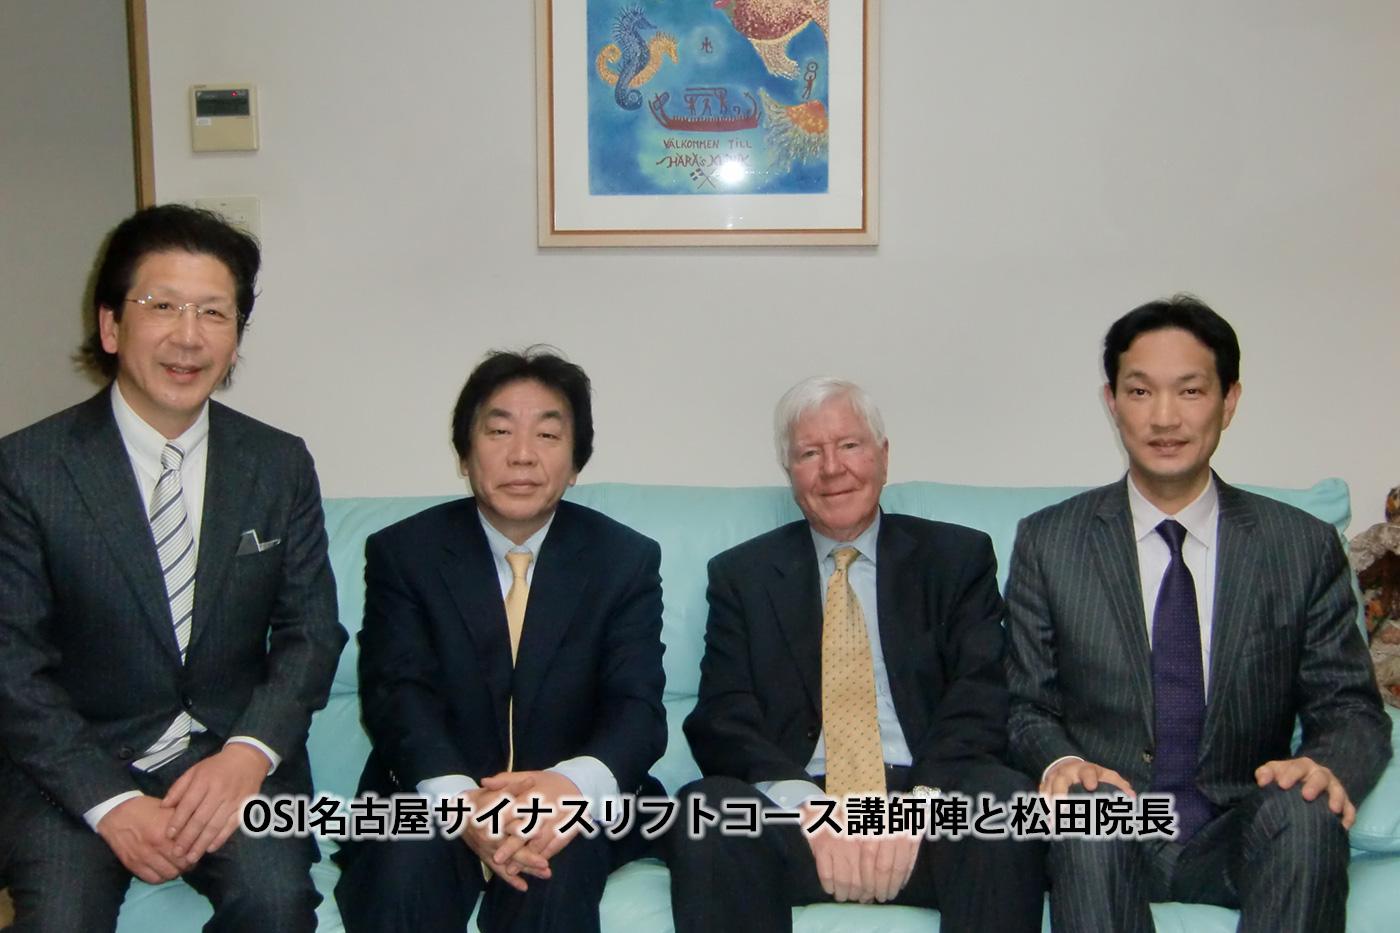 OSI名古屋サイナスリフトコース講師陣と松田院長